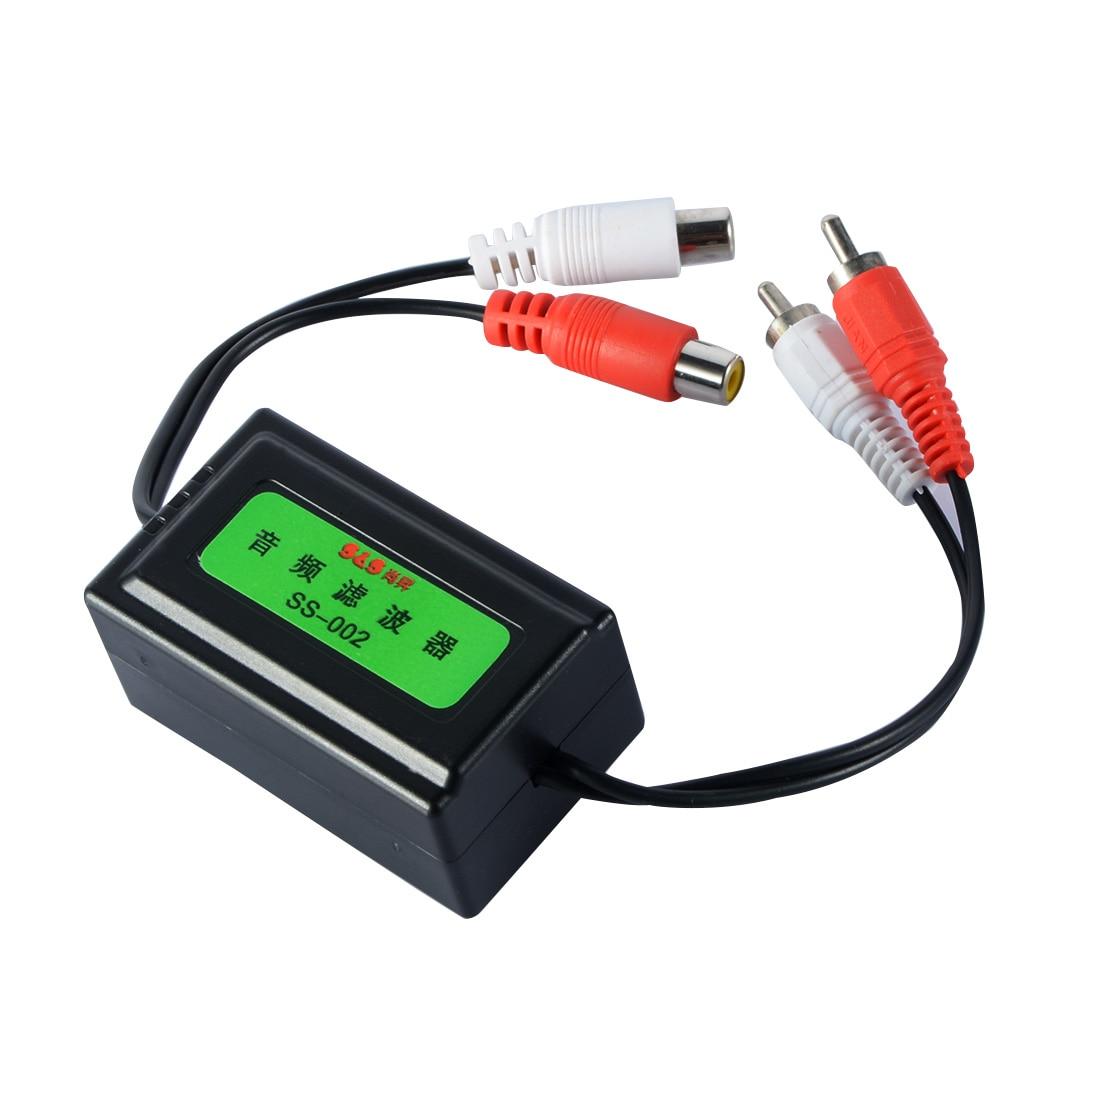 Nuevo Producto amplificador de tipo RCA para coche de 3,5mm Filtro de ruido de Audio aislador de bucle de tierra supresor 6,3x3,8x3cm fácil de instalar 5 uds 3,5 MM Clip de plástico negro en EMI RFI Cable supresor de ruido ferrita núcleo filtros extraíbles